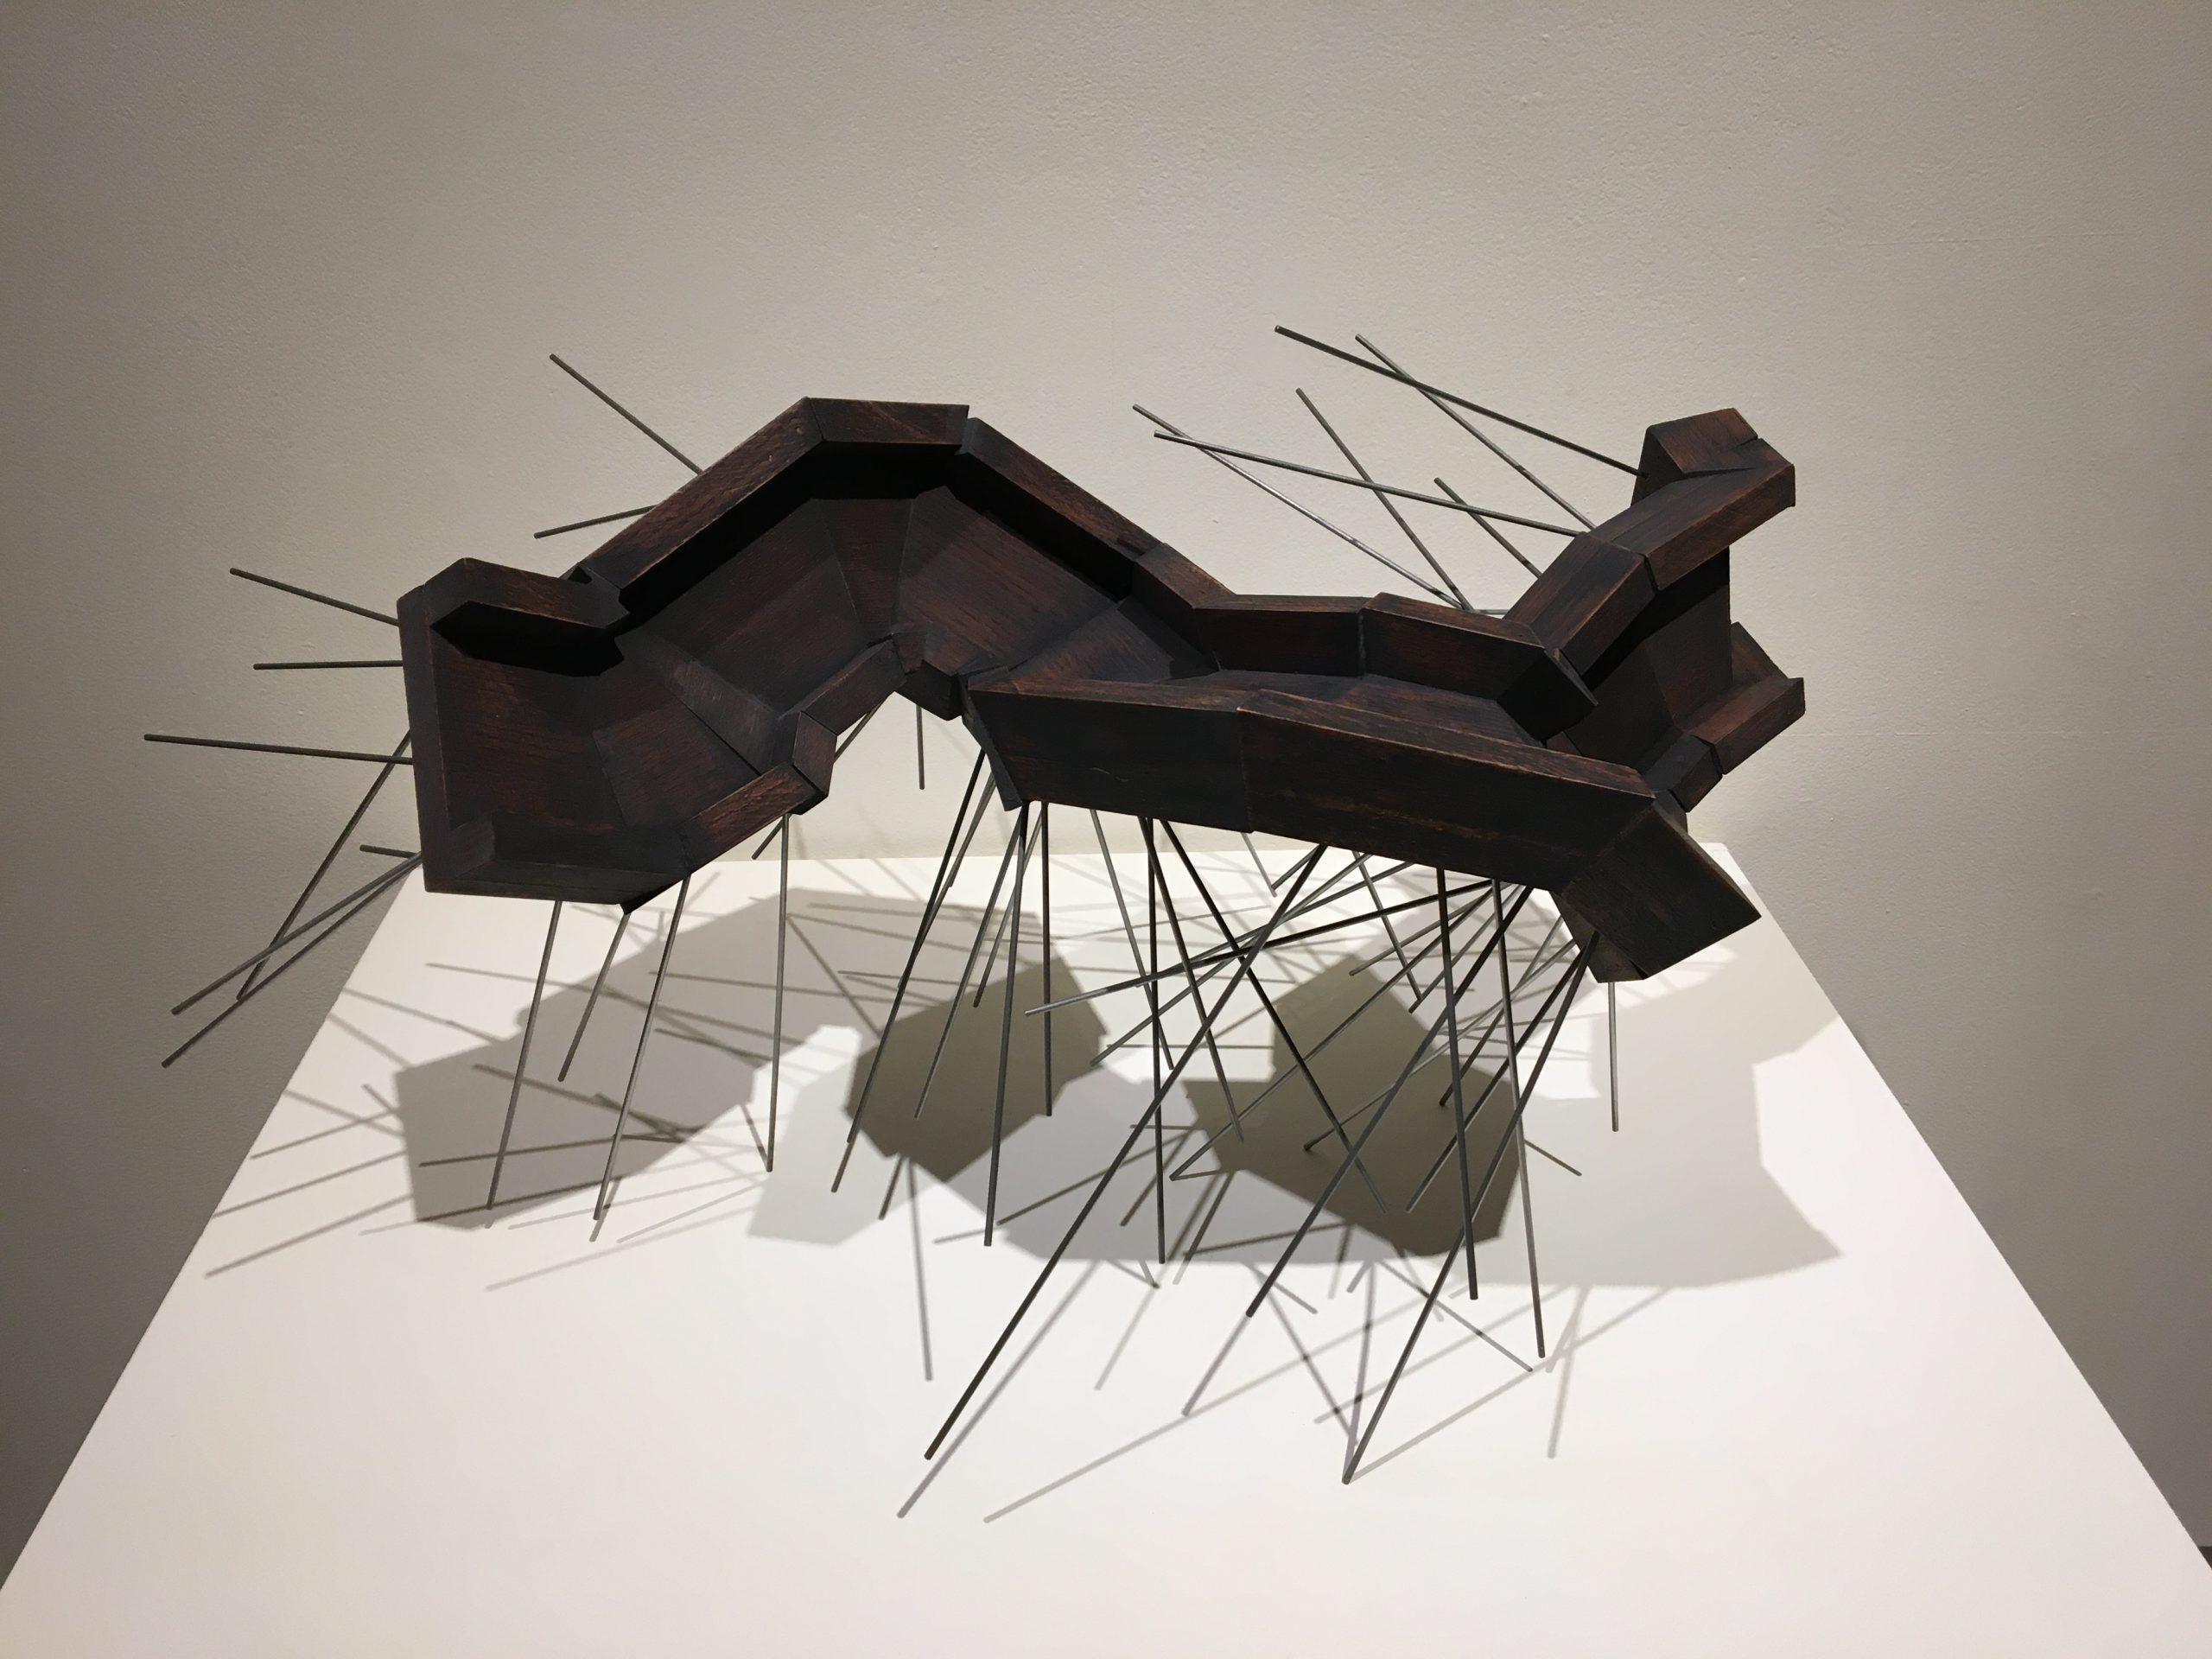 sculpture by Chris Sancomb